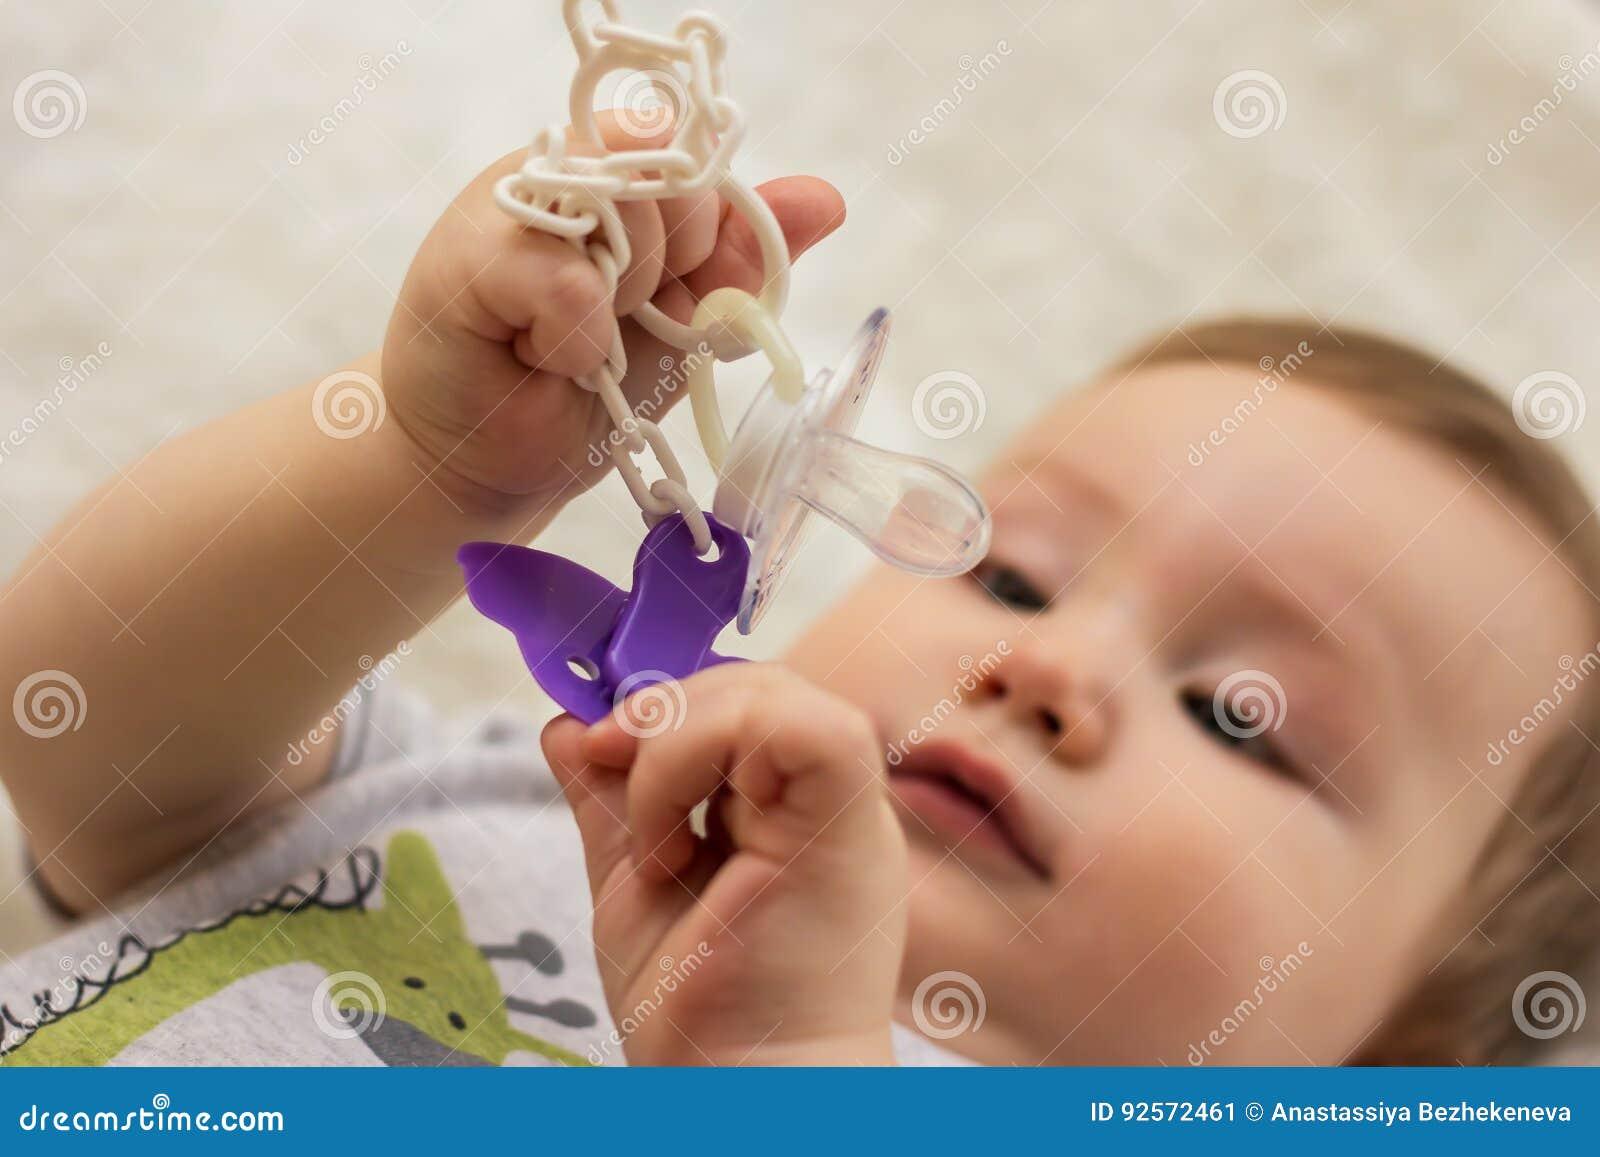 Dziecko trzyma pacyfikator klamerkę dla sutka